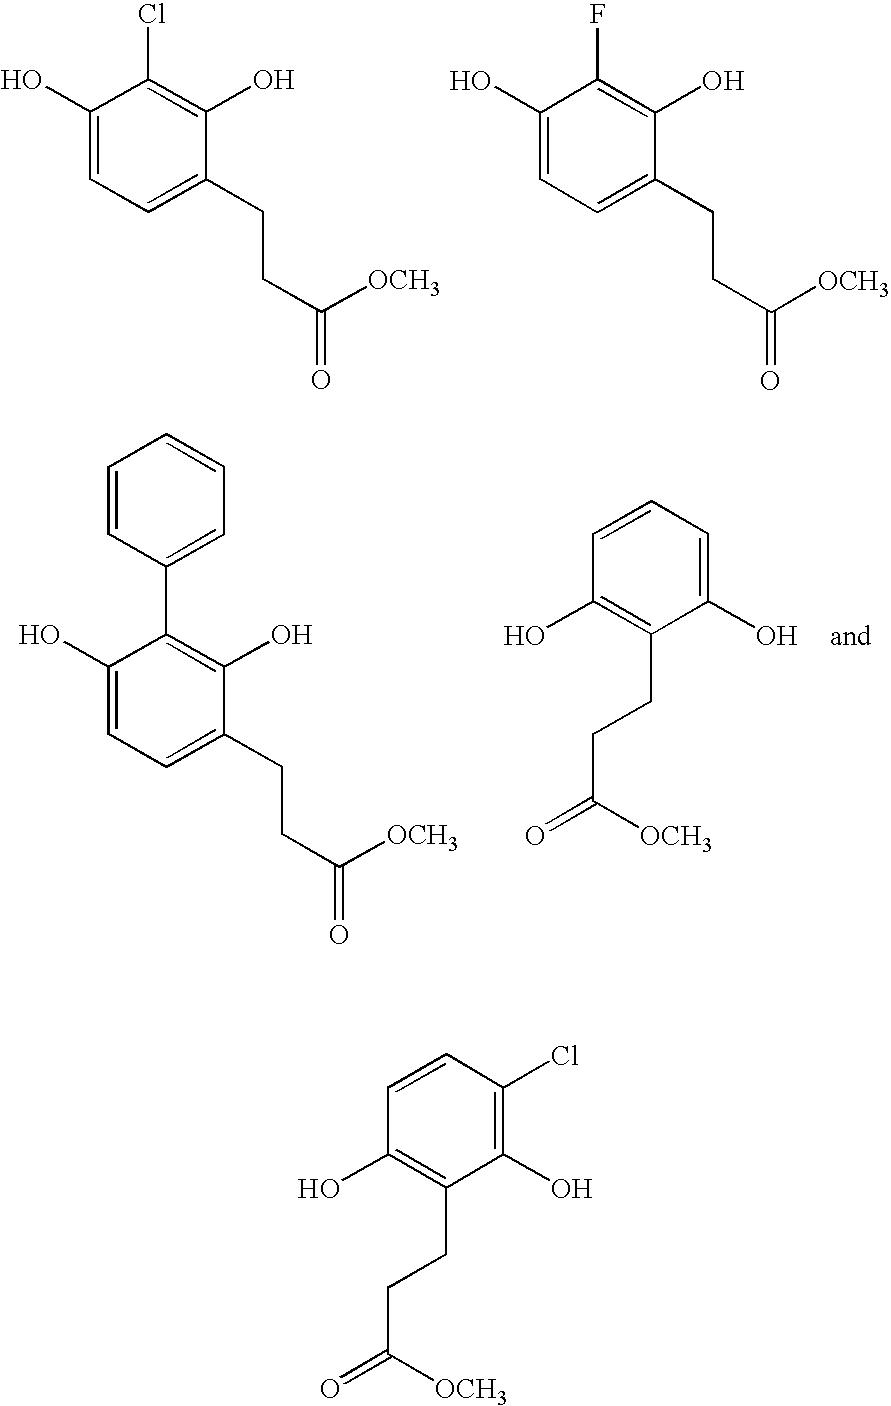 Figure US20060204990A1-20060914-C00064